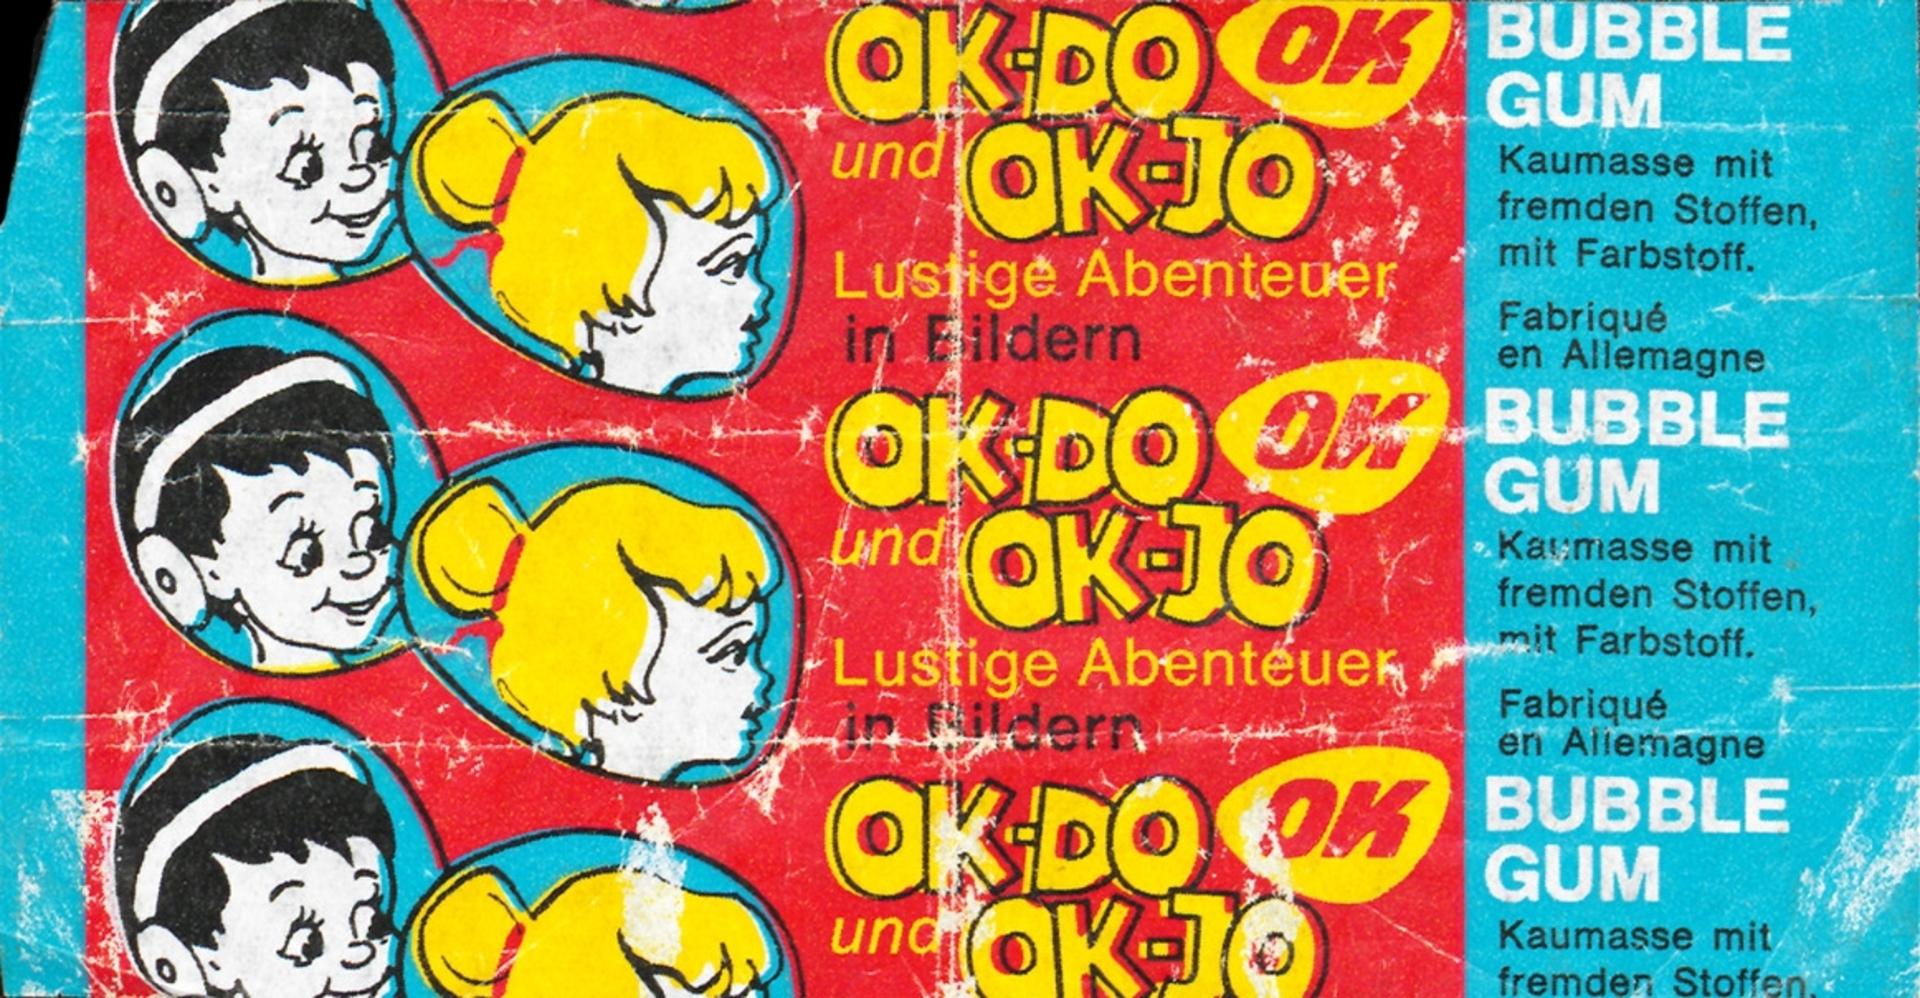 cd01-003-g57-m212.jpg